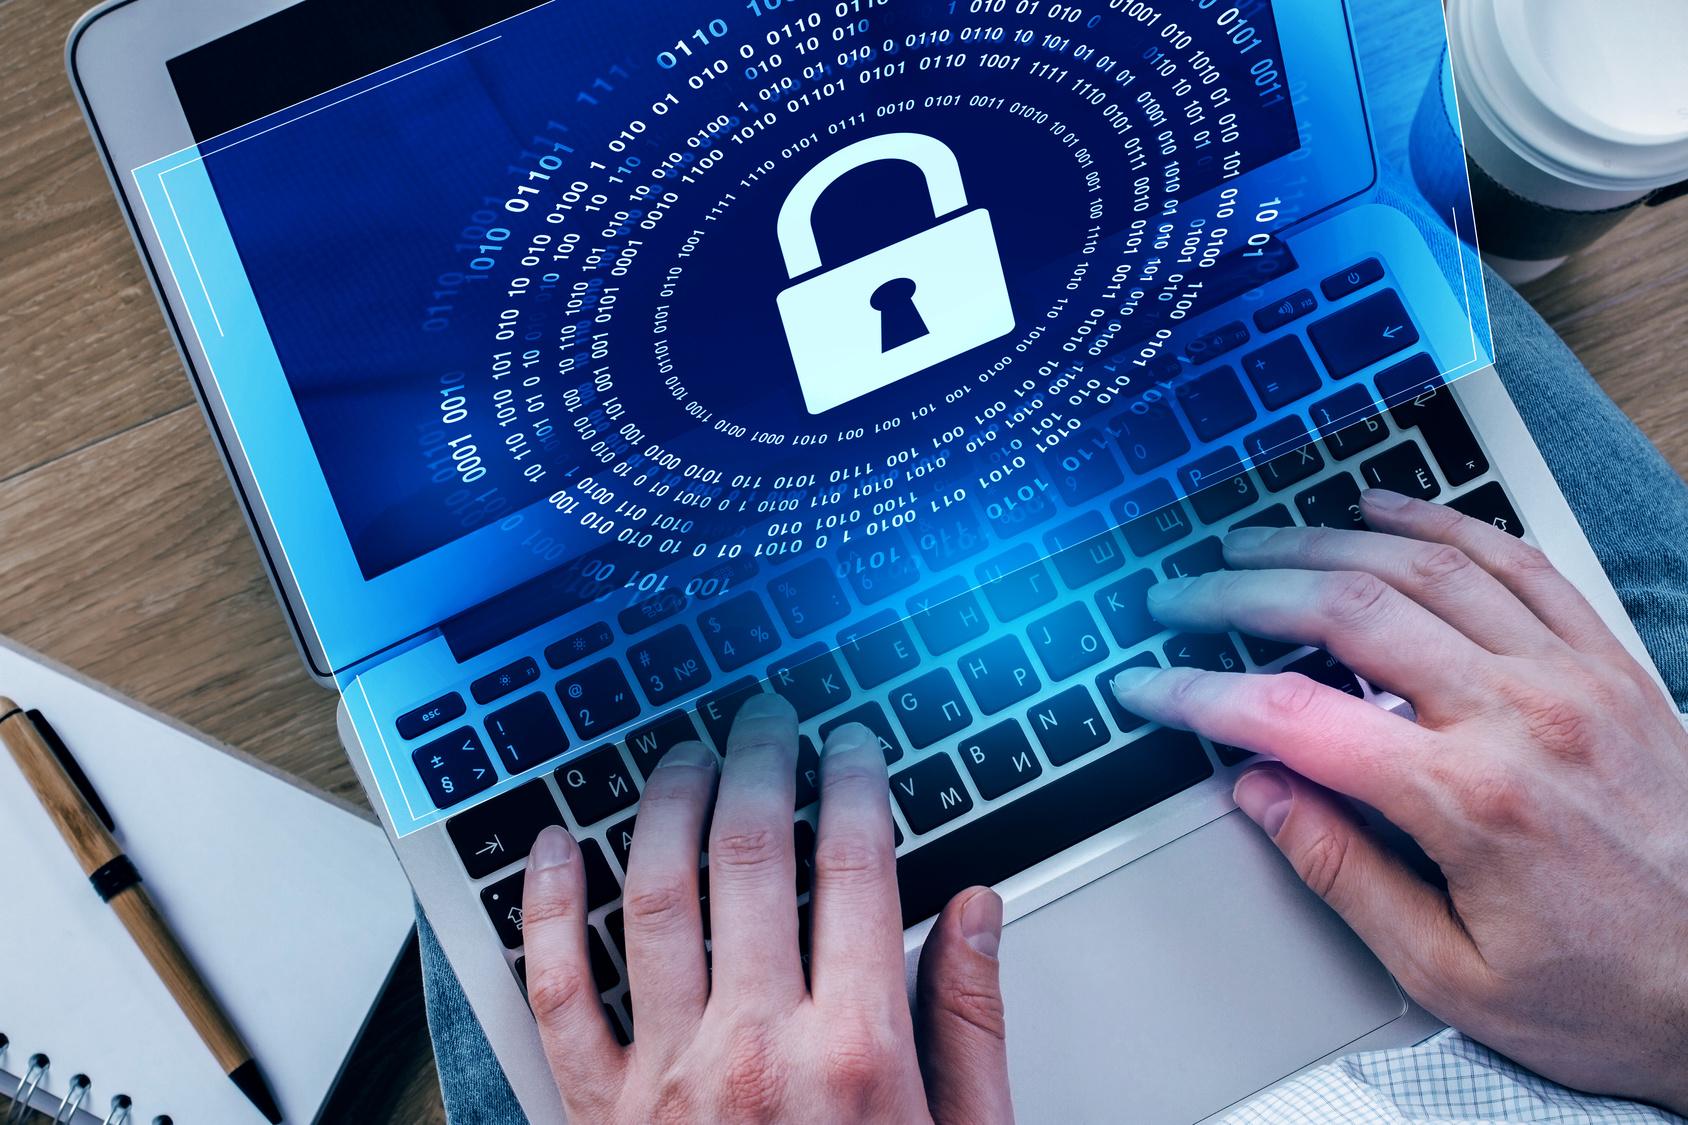 IT-Verschlüsselung – Orientierungs- und Entscheidungshilfen für kleinere und mittlere Unternehmen